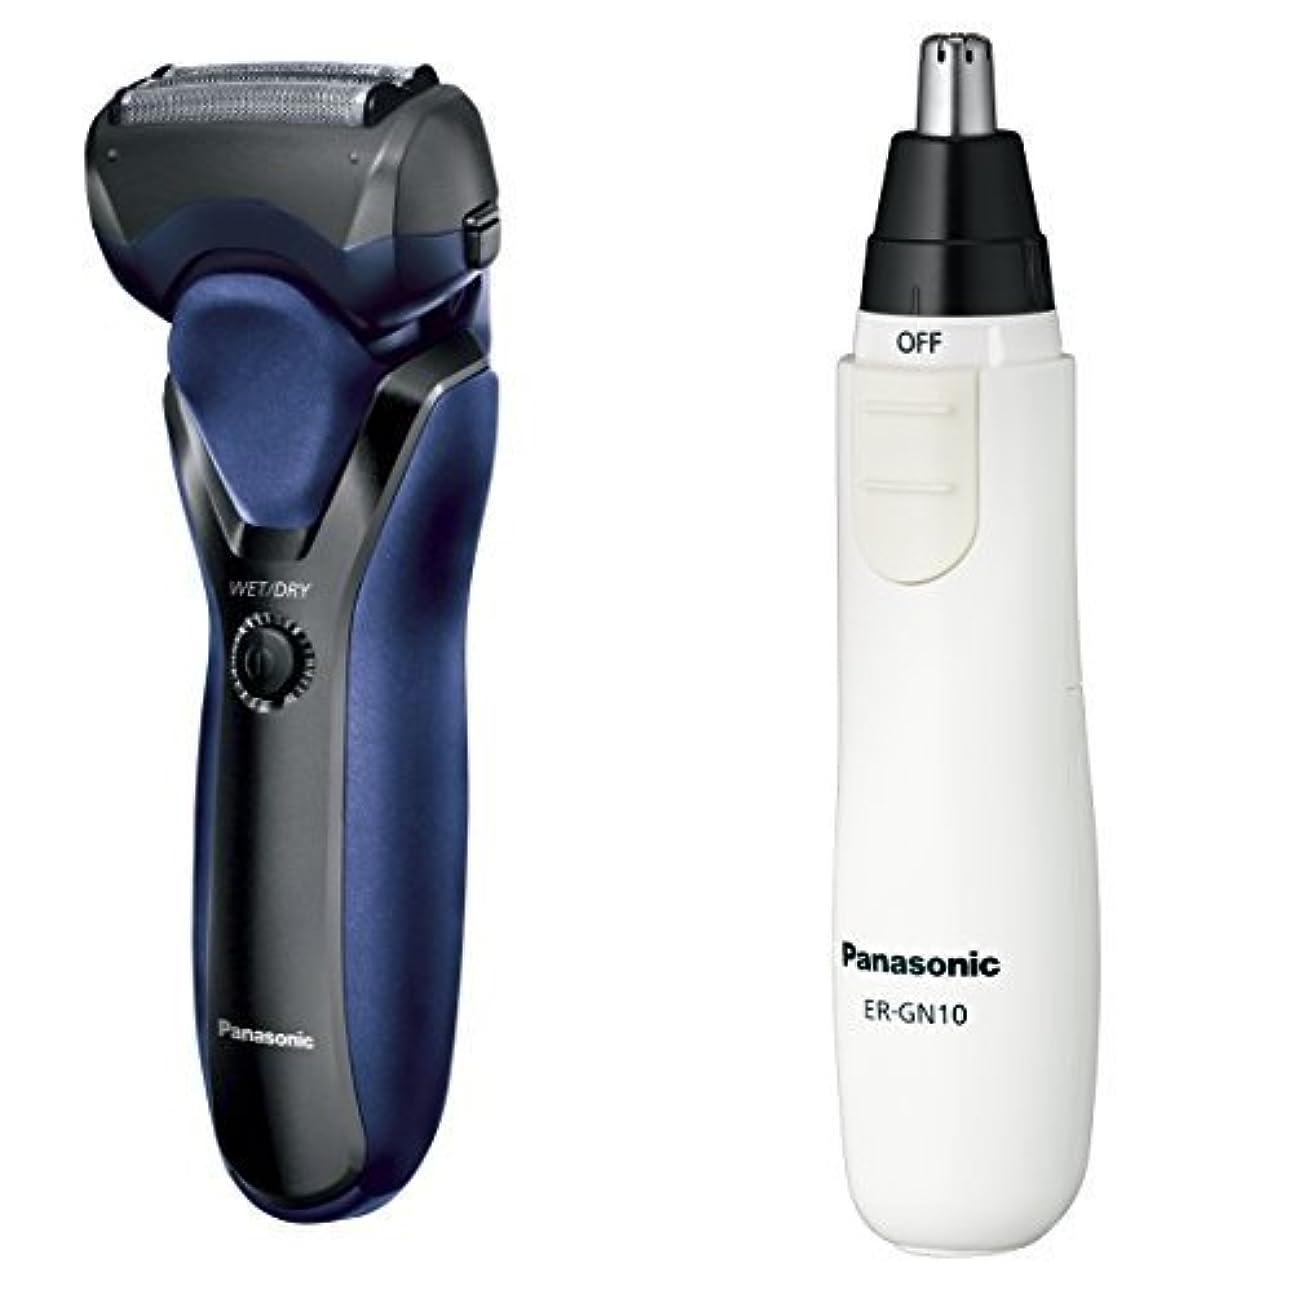 素晴らしさ低い拡散するパナソニック メンズシェーバー 3枚刃 お風呂剃り可 黒 ES-RT17-K + エチケットカッター 白 ER-GN10-W セット